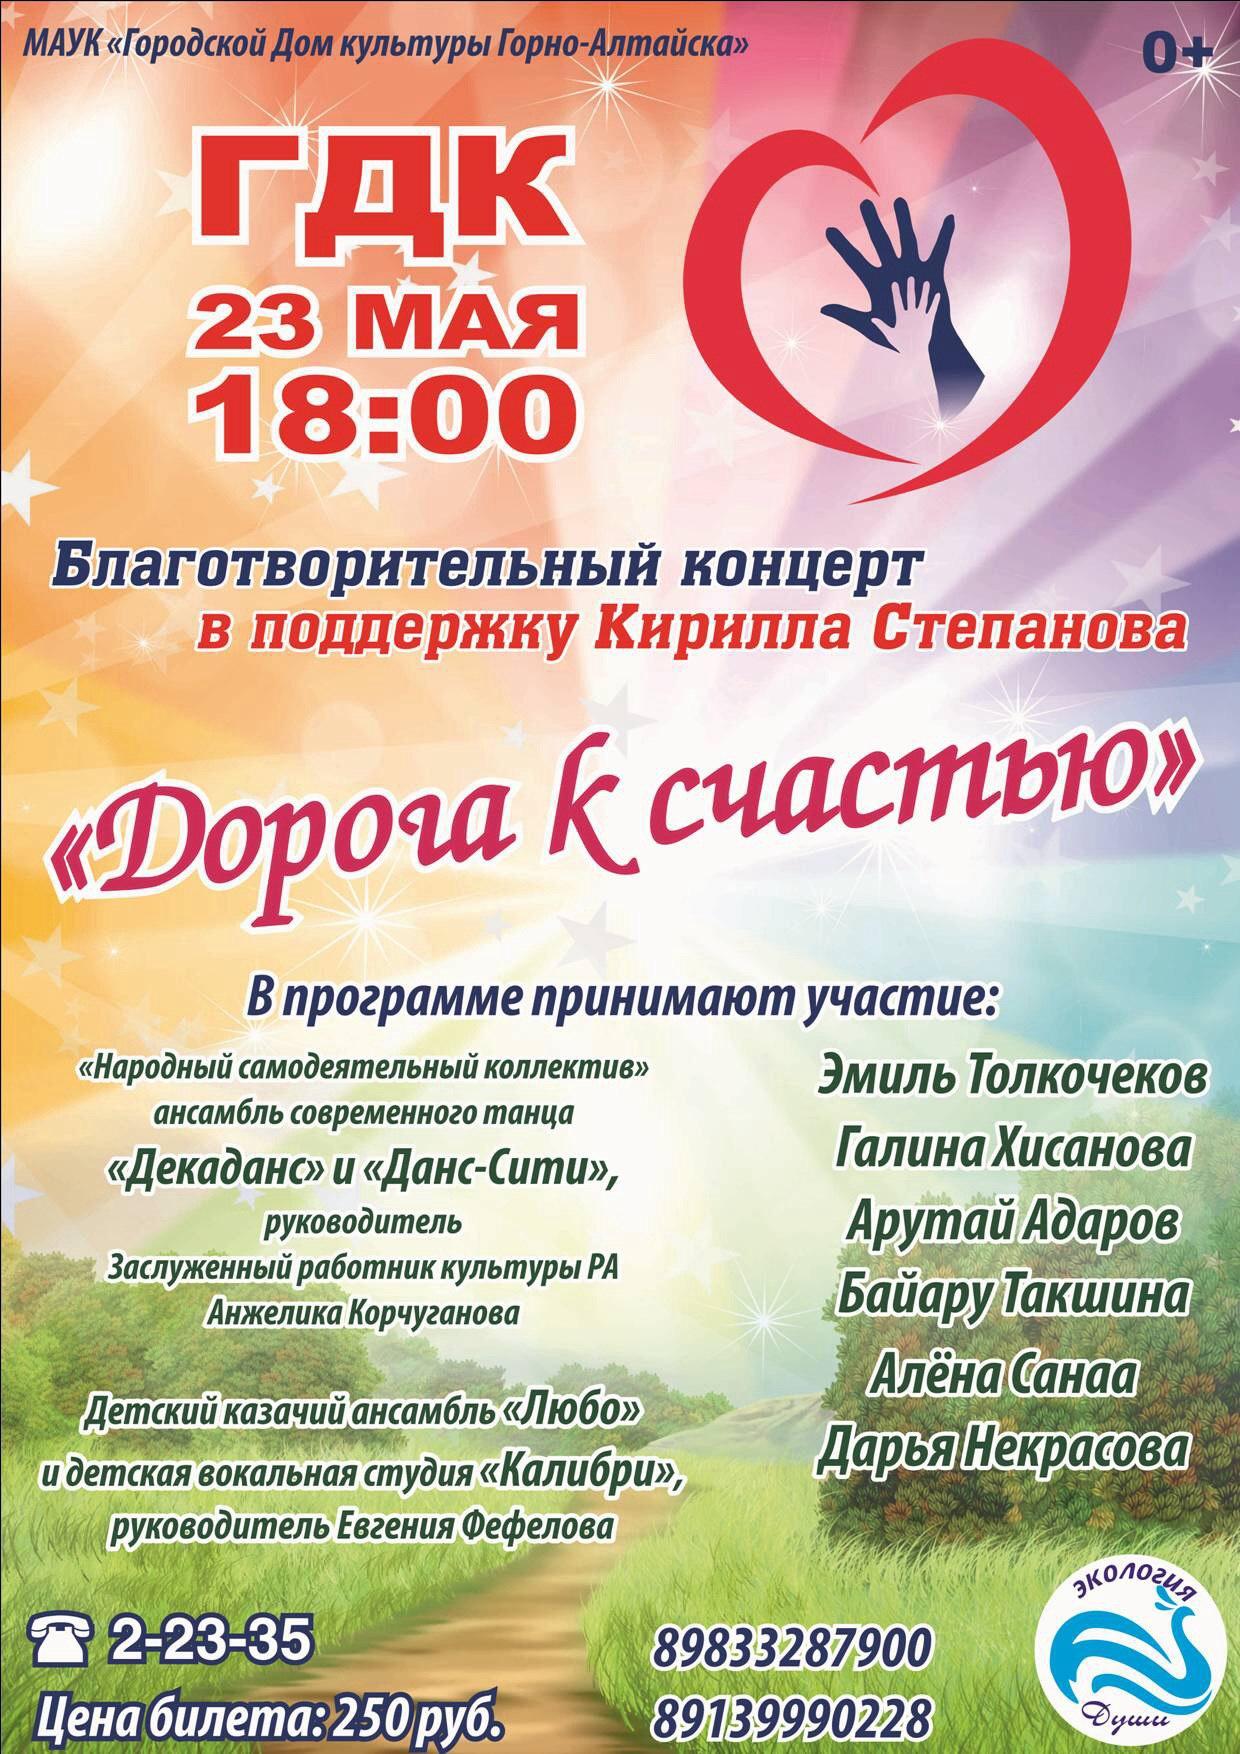 Благотворительный концерт пройдет в Горно-Алтайске